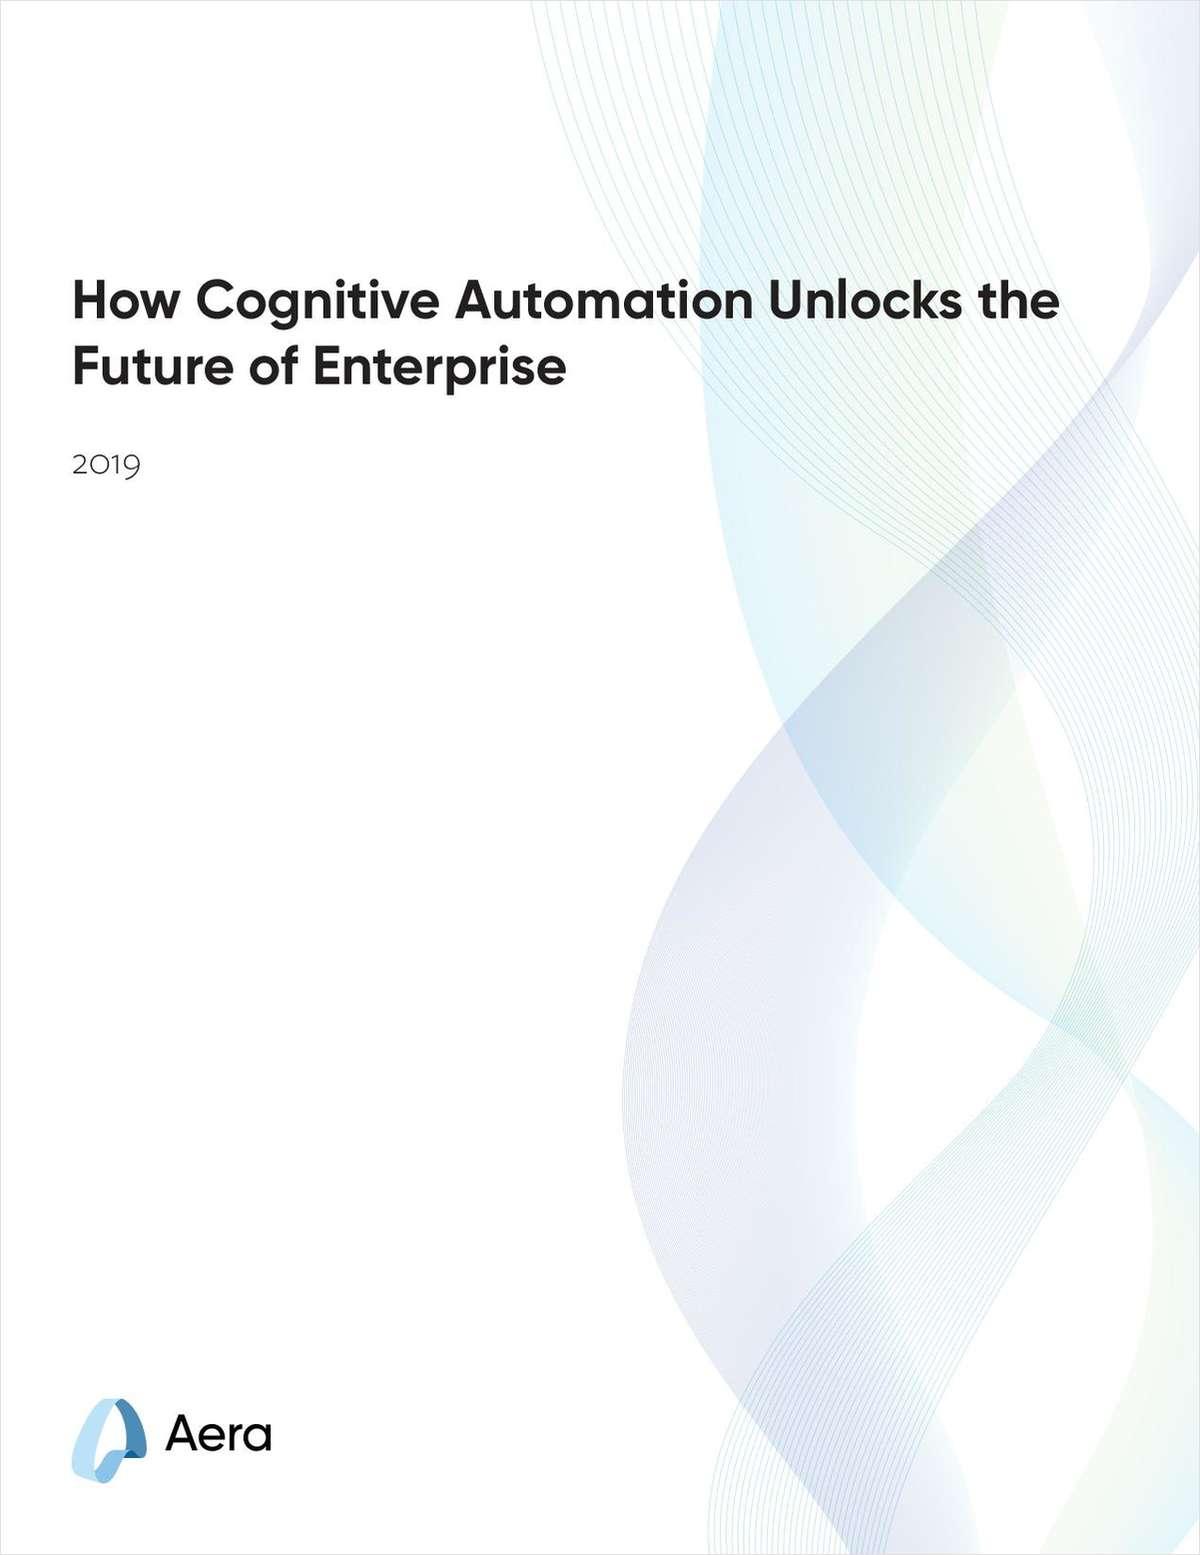 How Cognitive Automation Unlocks the Future of Enterprise